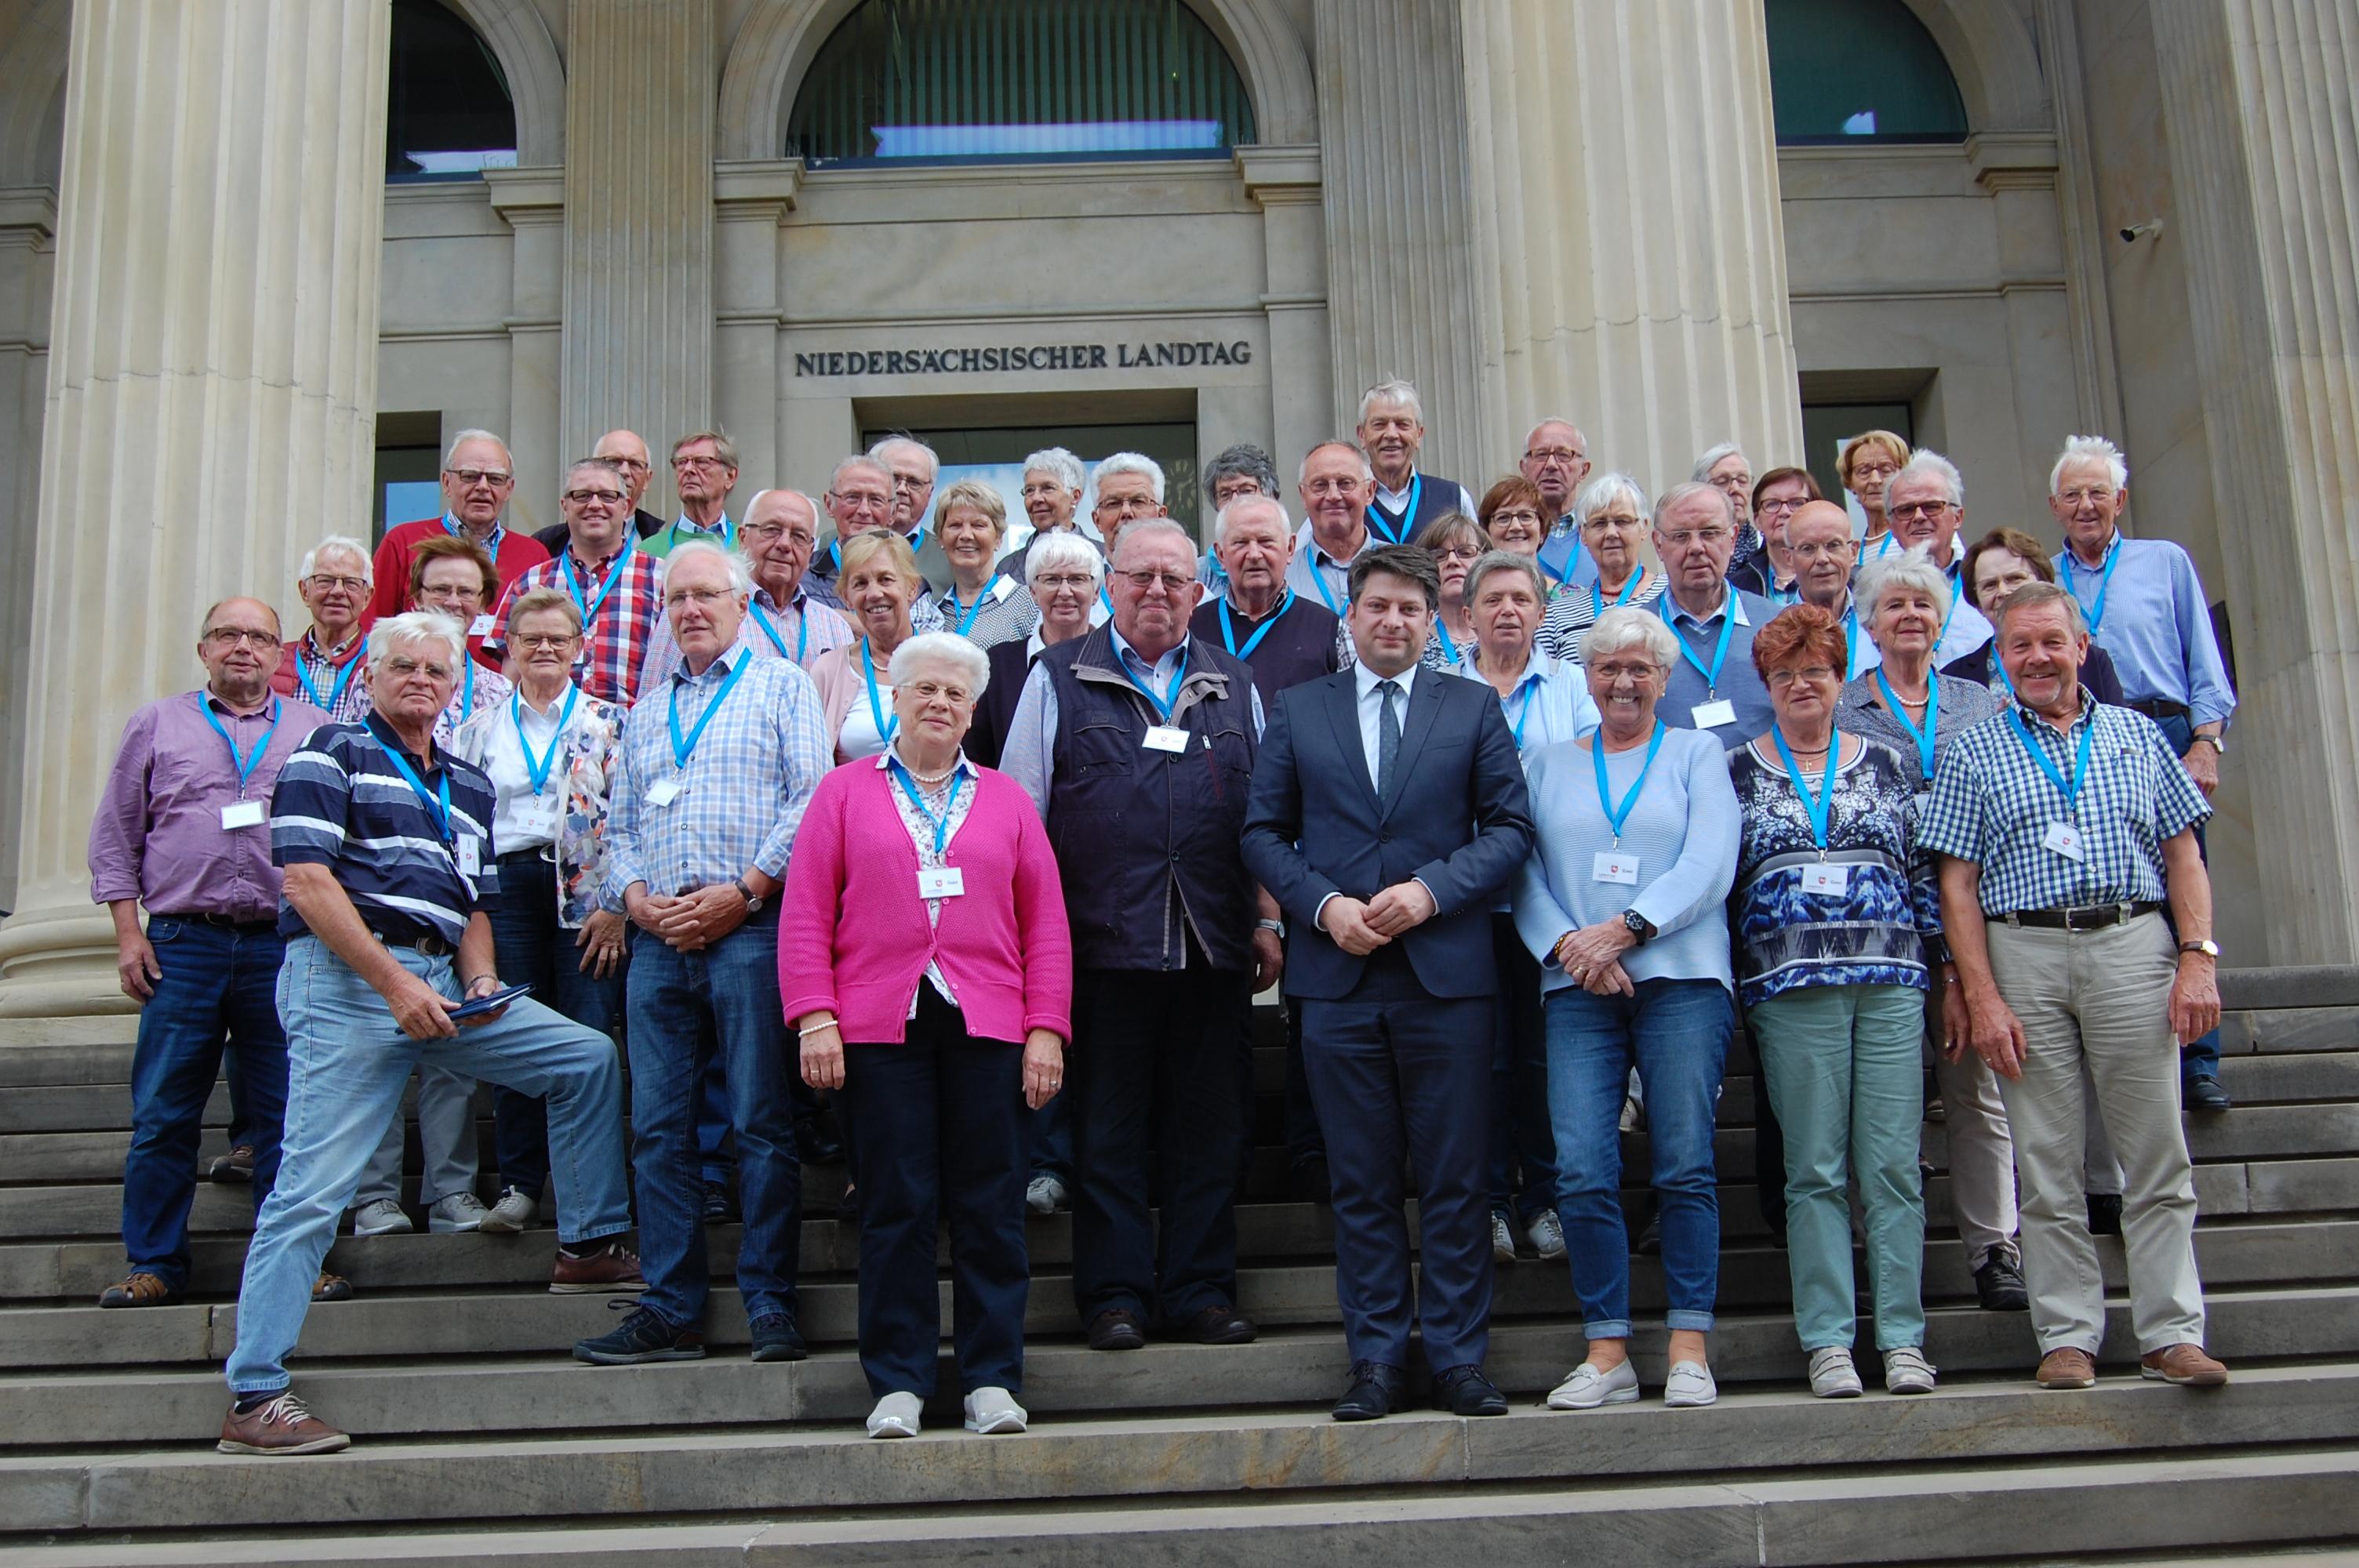 50 Kolpingschwestern und Kolpingbrüder besuchten auf Einladung des Landtagsabgeordneten und Kolpingbruders Christian Calderone die Landeshauptstadt Hannover.